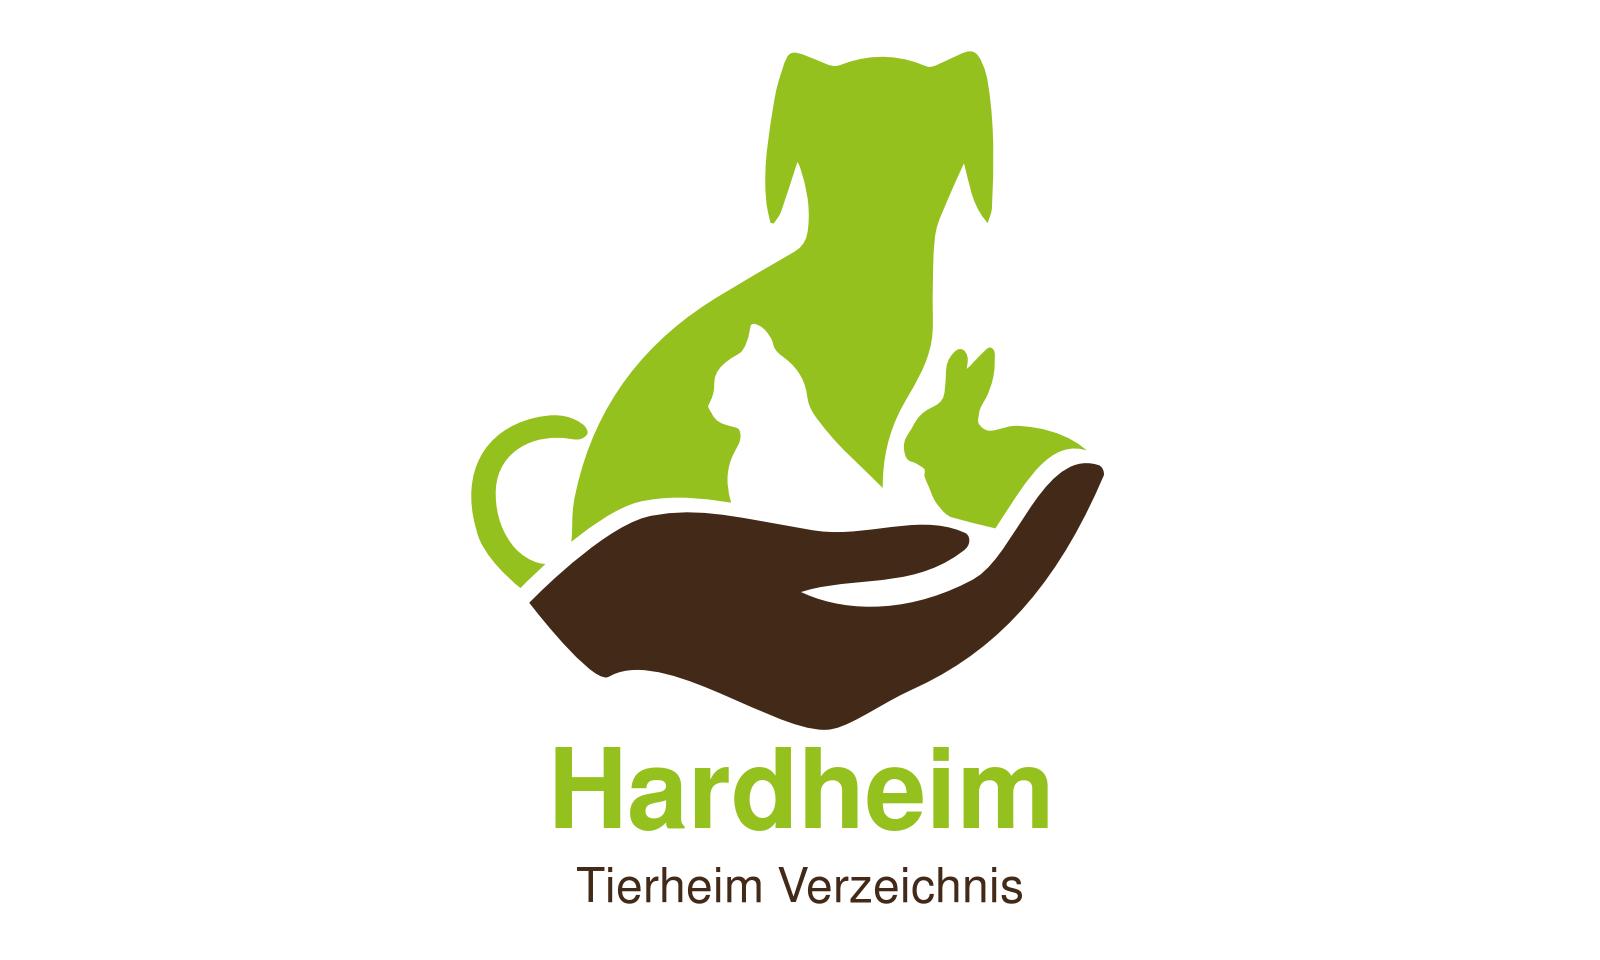 Tierheim Hardheim